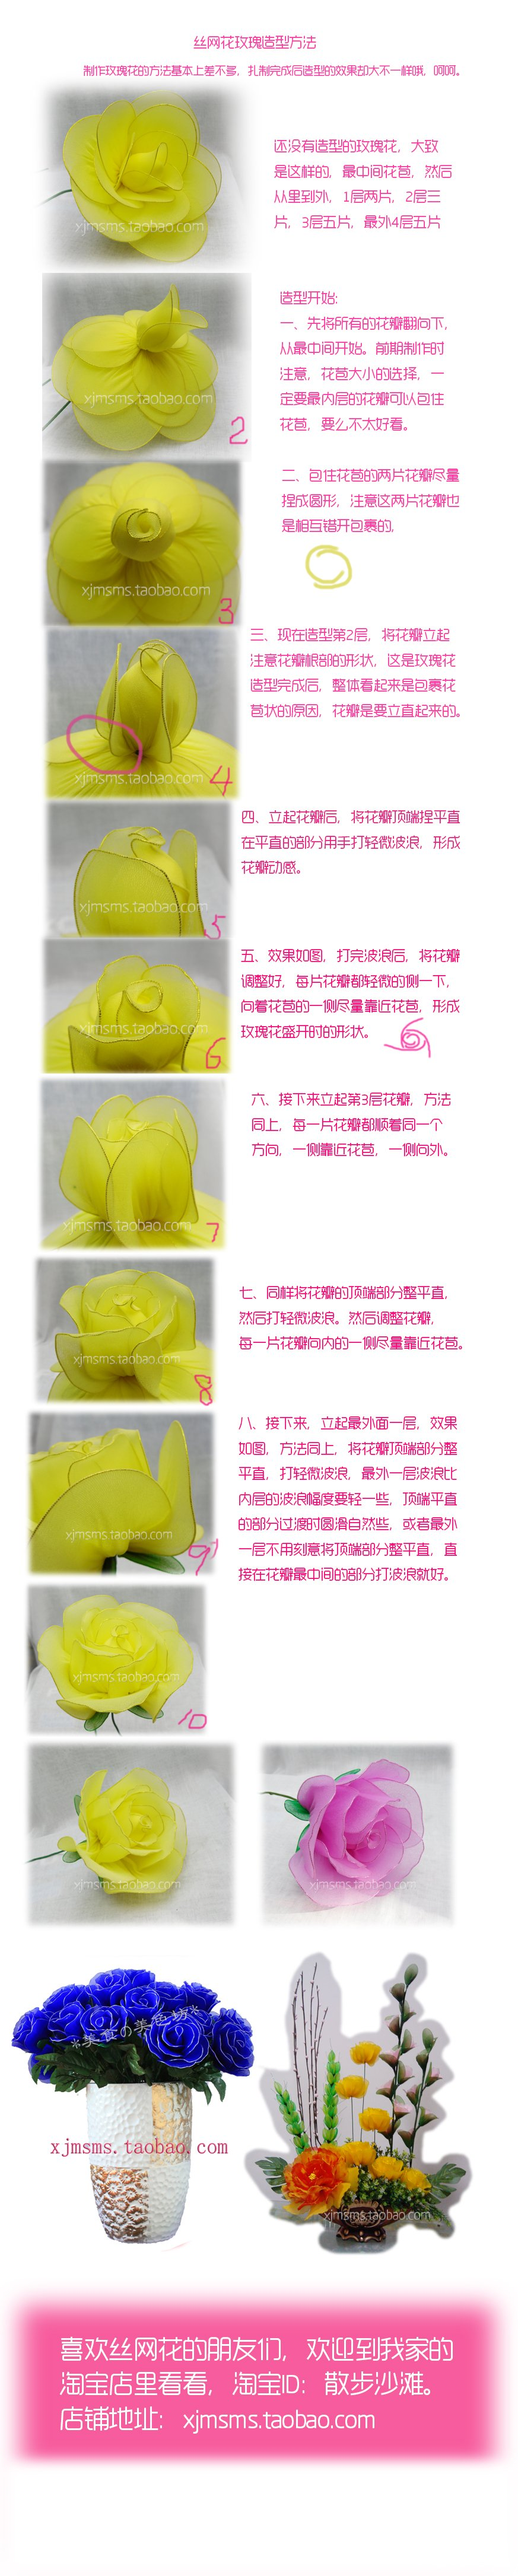 玫瑰花造型教程1.jpg